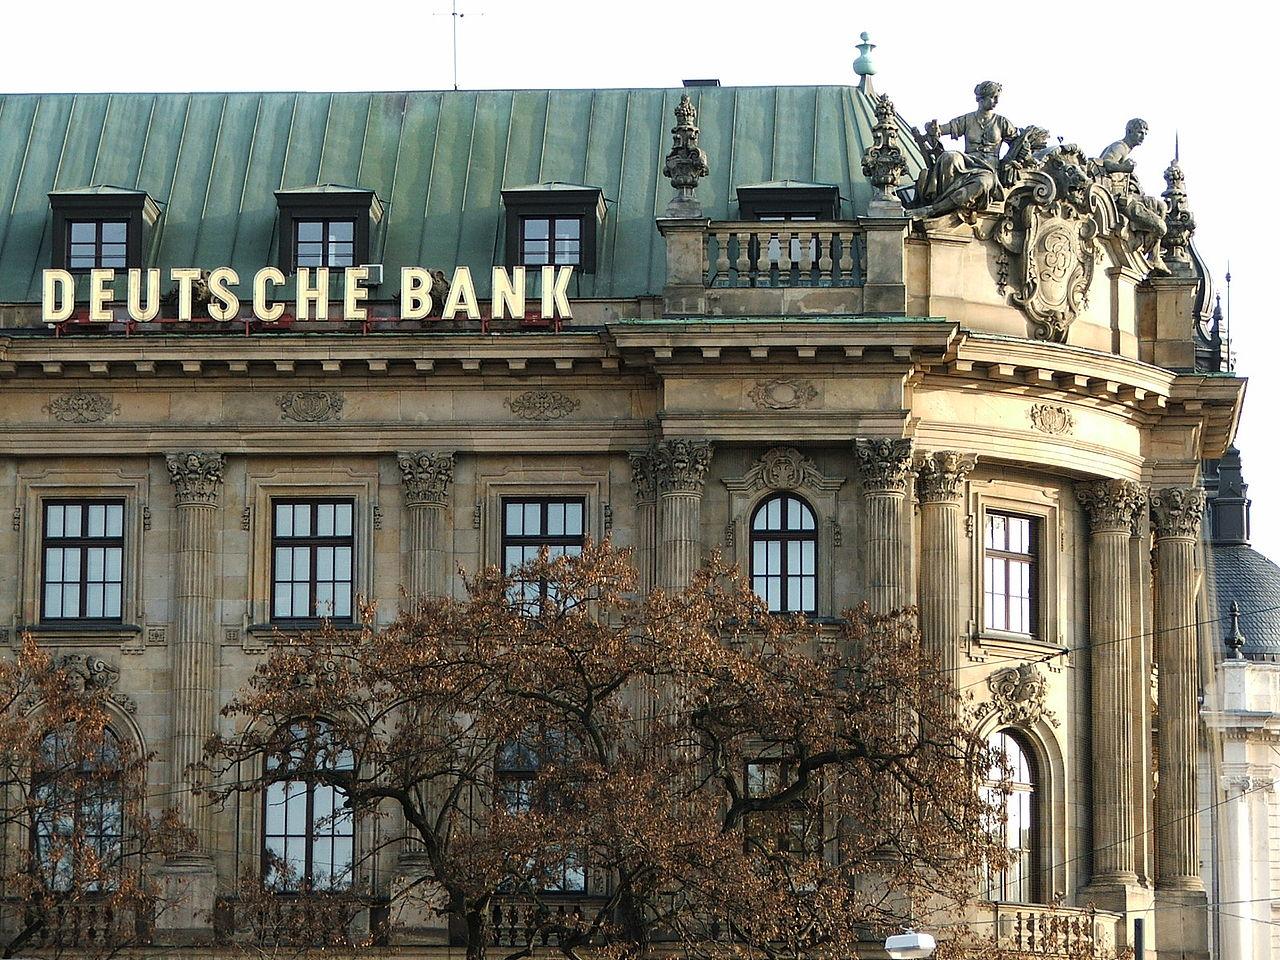 Nel 2016 per Deutsche bank perdita netta di 1,6 miliardi